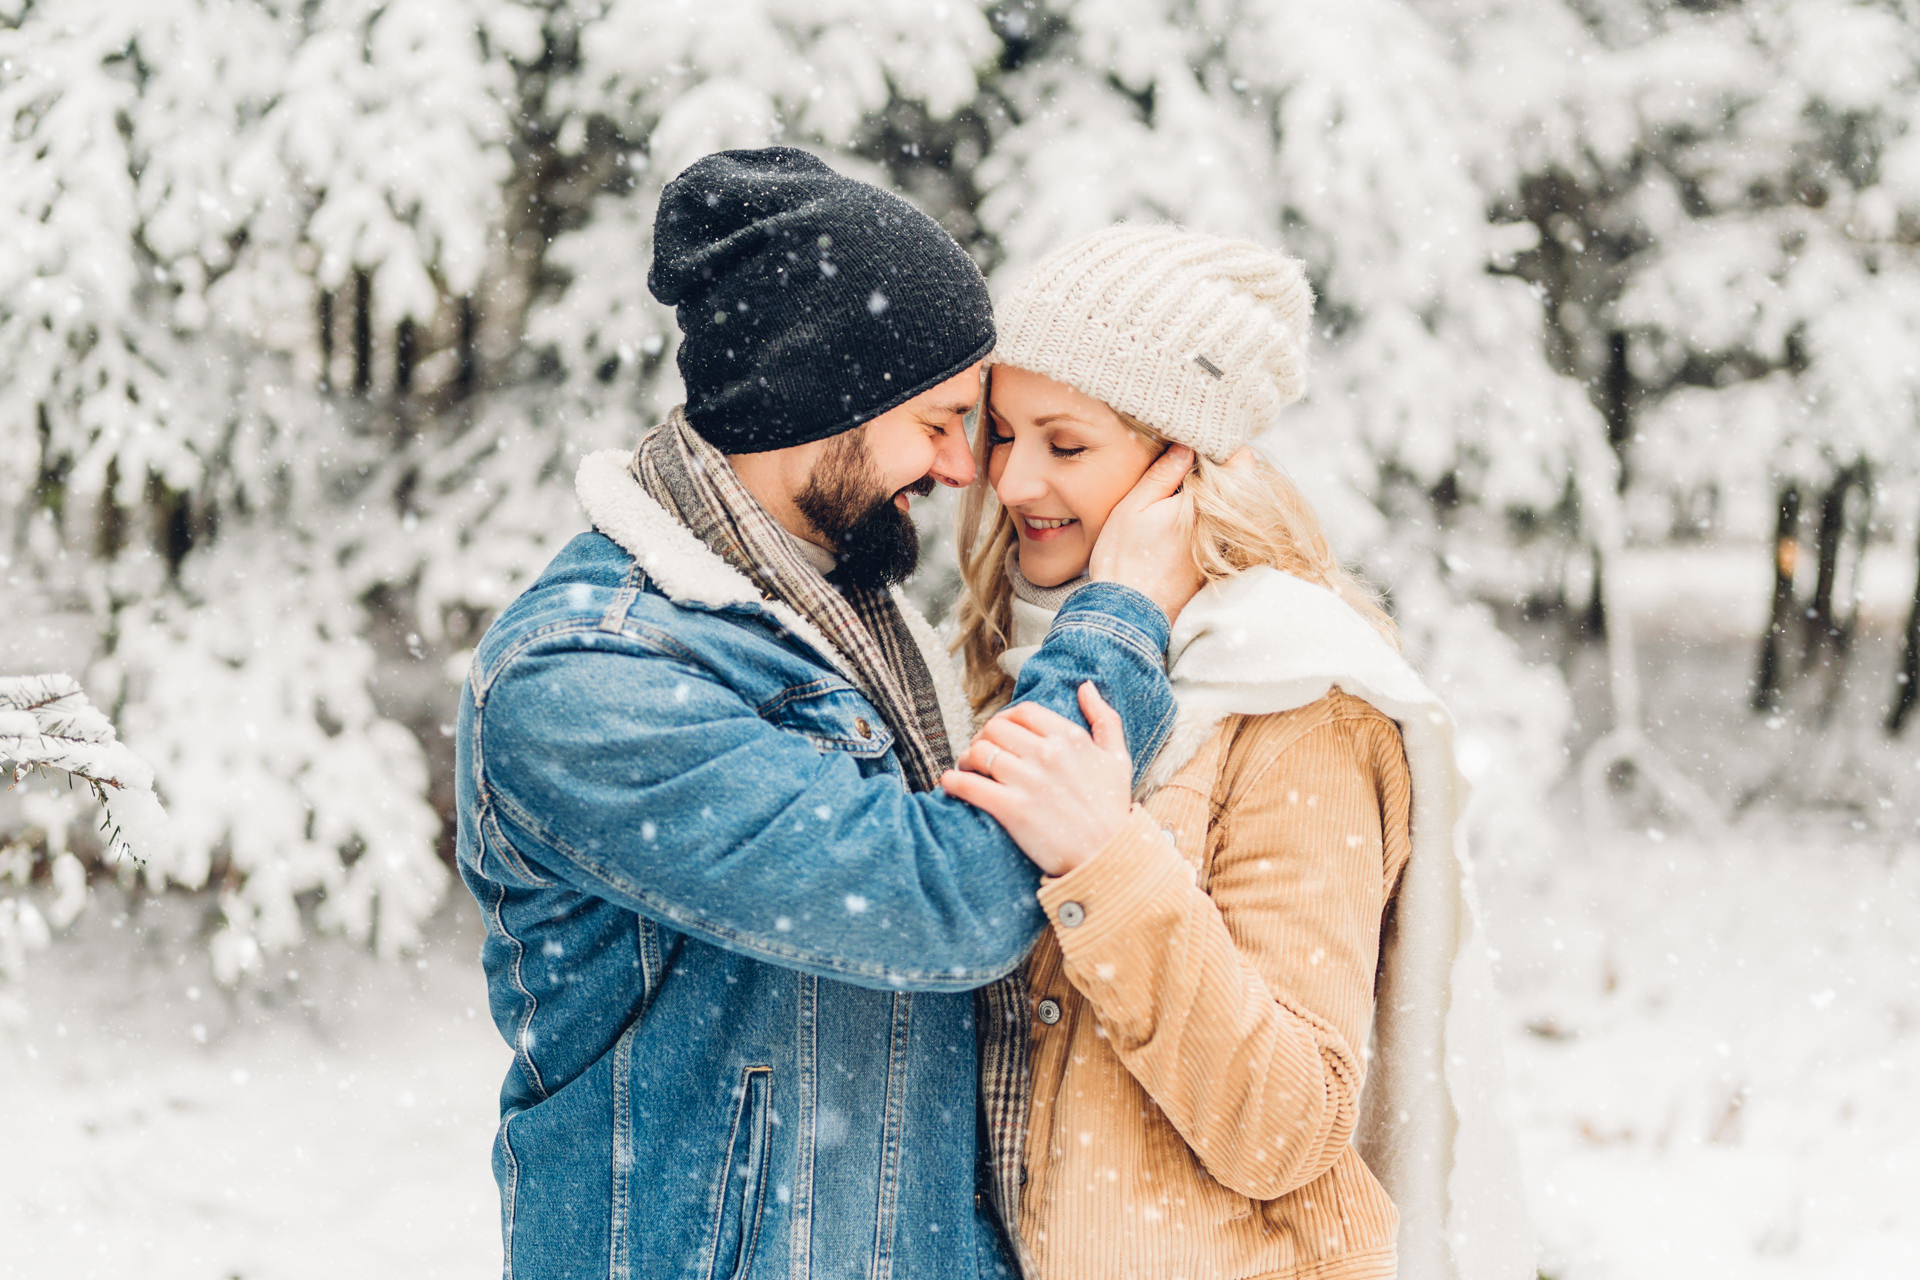 Winterliches Engagementshooting im Schnee in Pirmasens